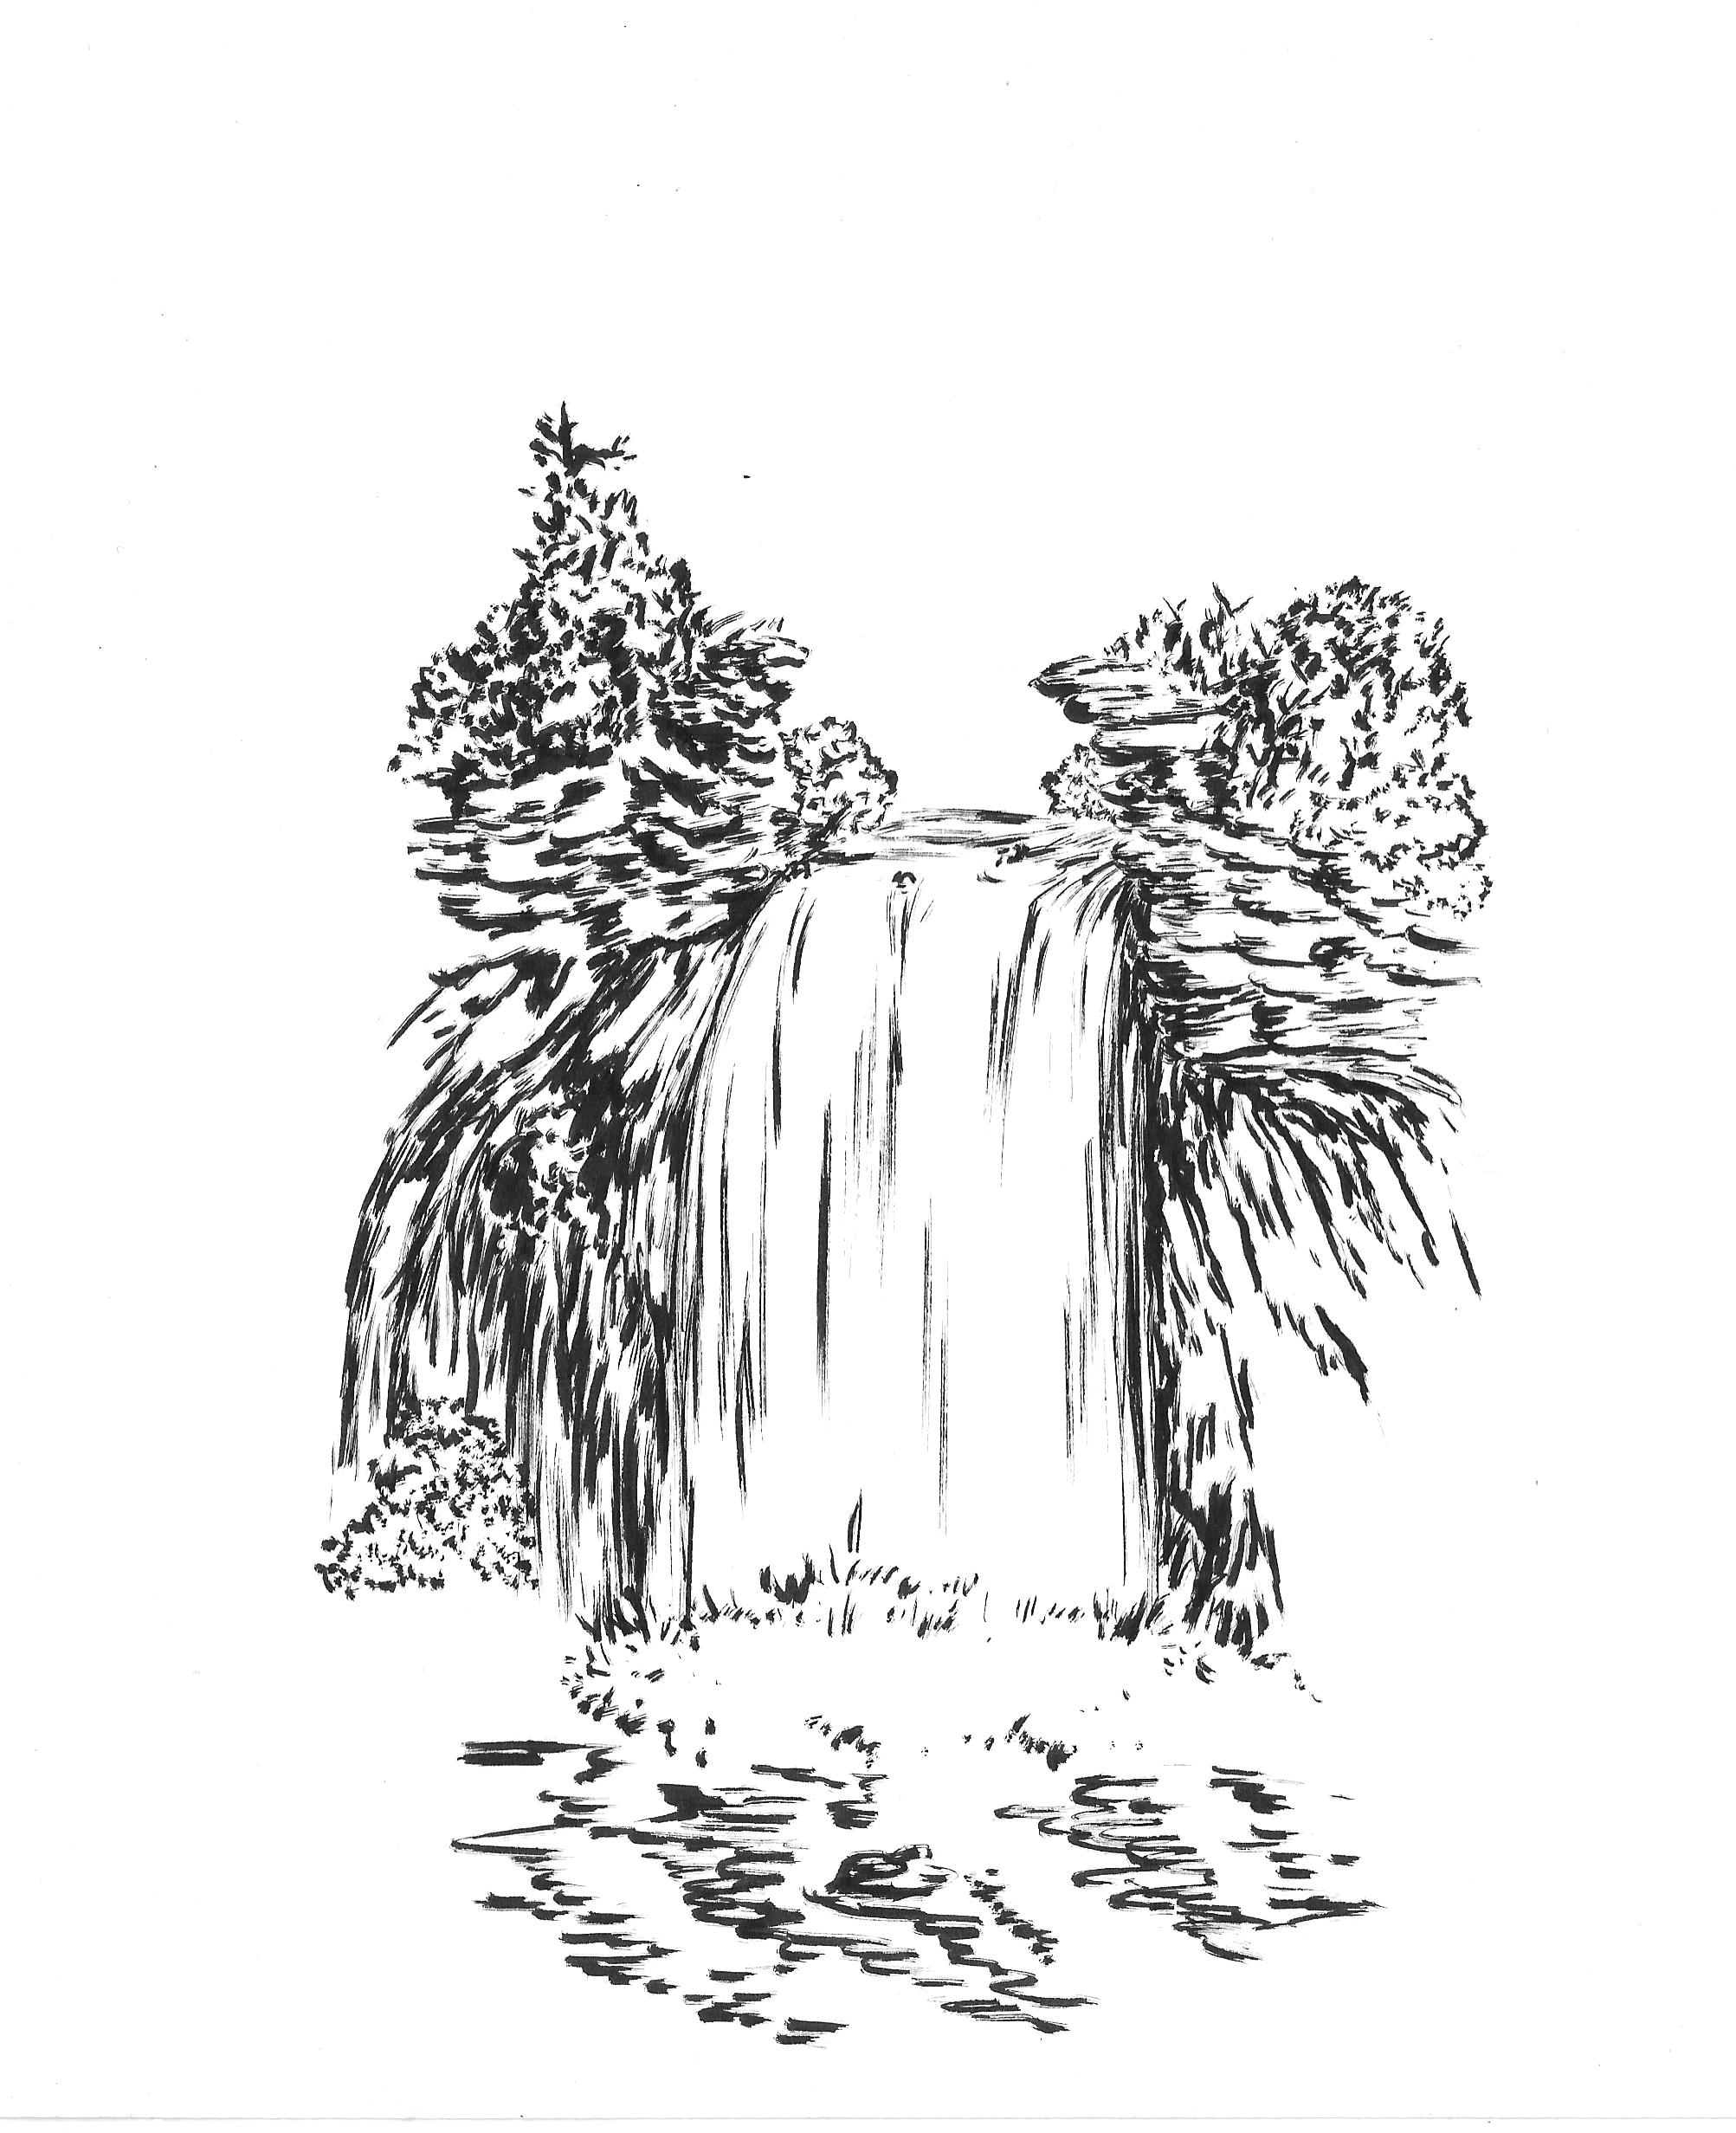 Drawn waterfall Tones waterfall paper Brush –